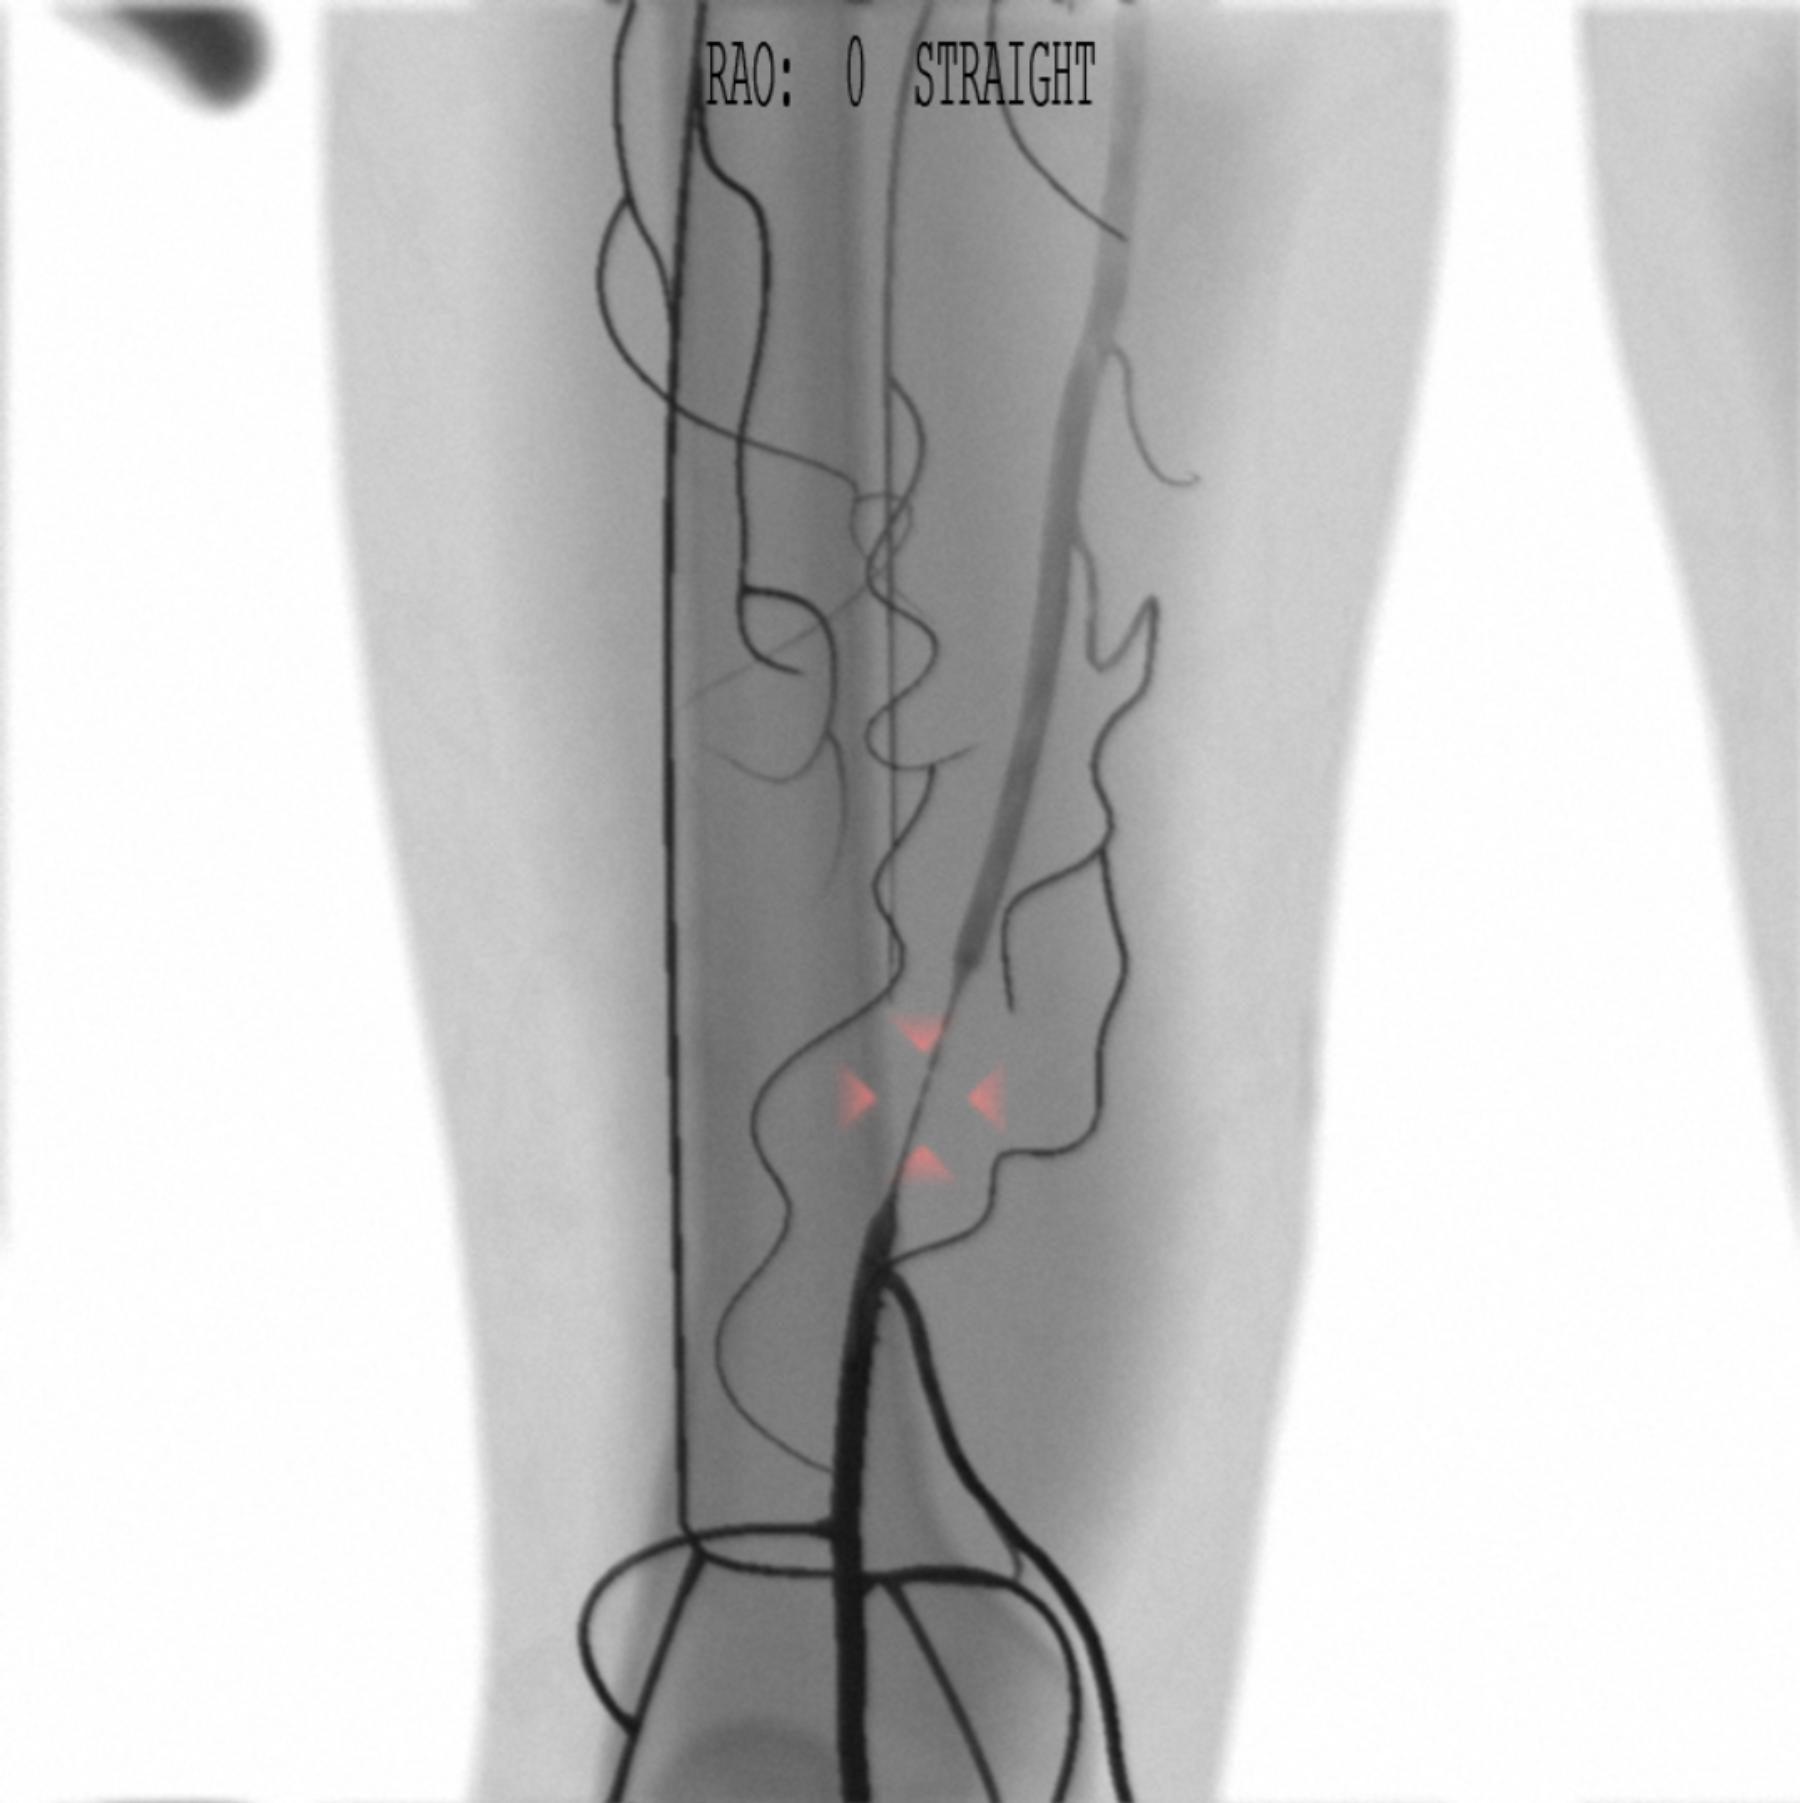 AngioVision SFA stenting